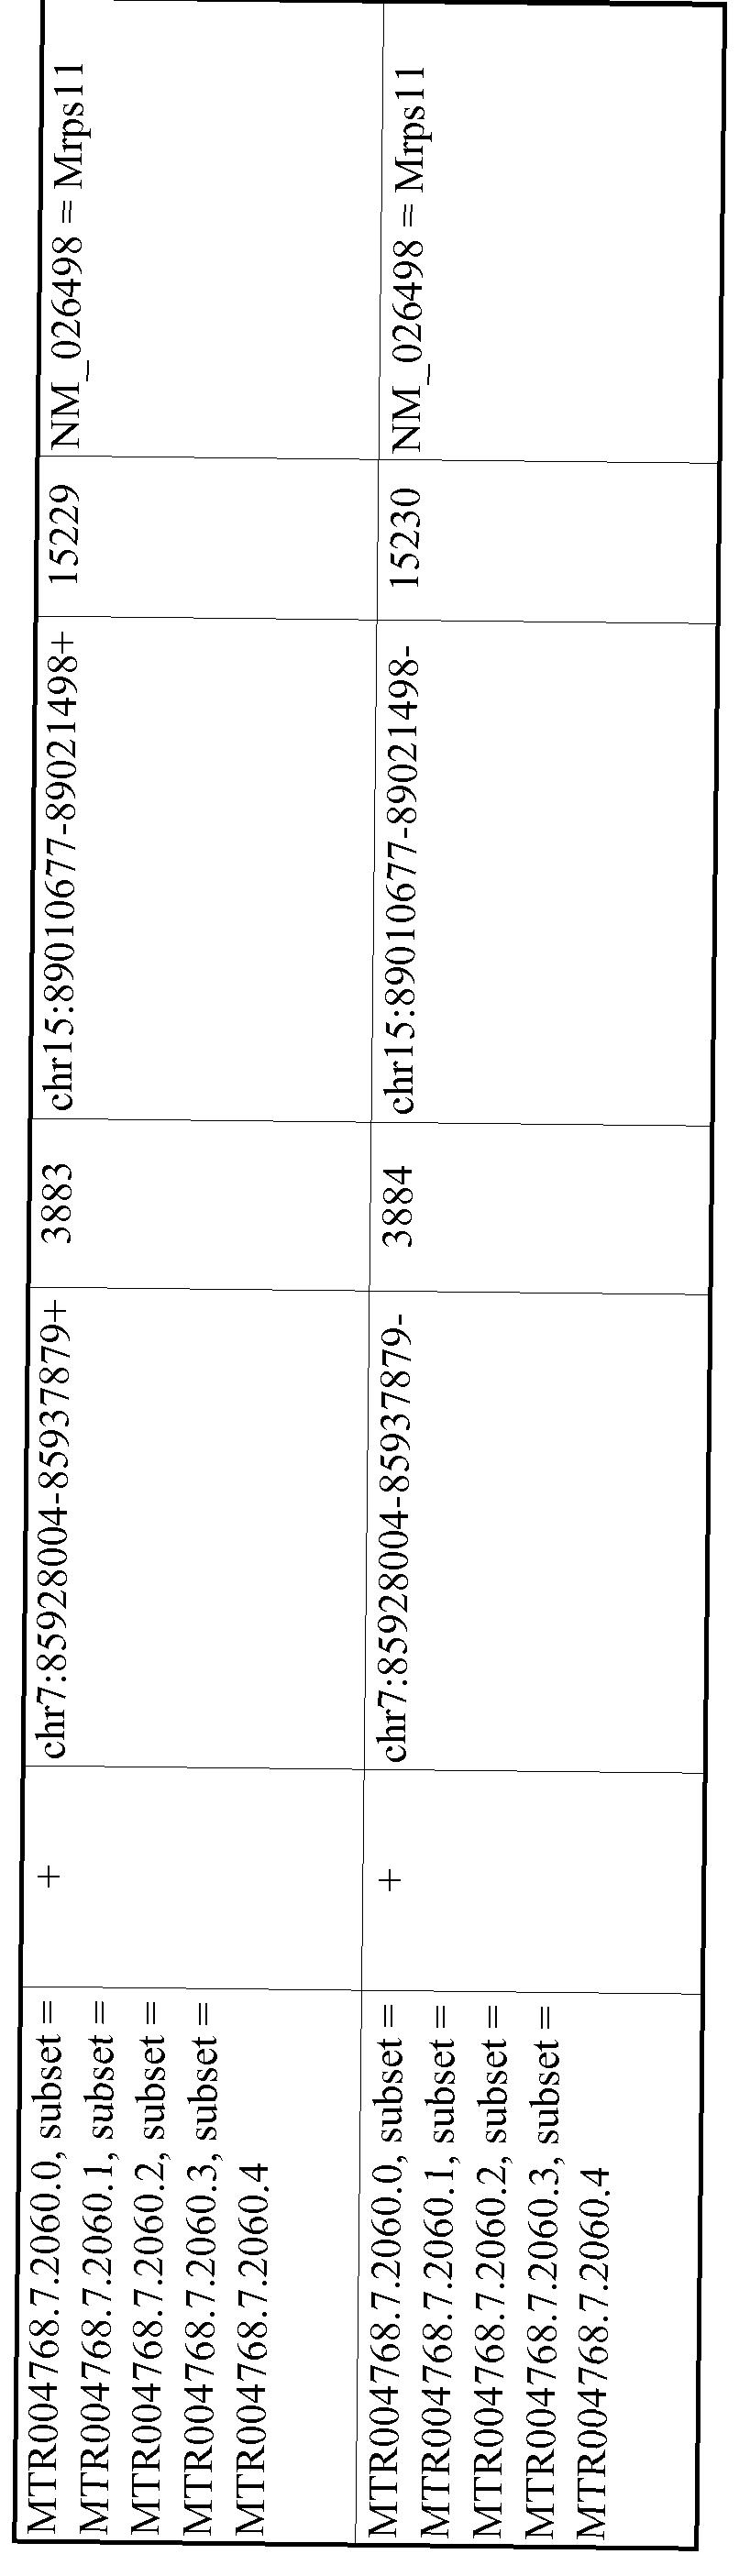 Figure imgf000743_0001